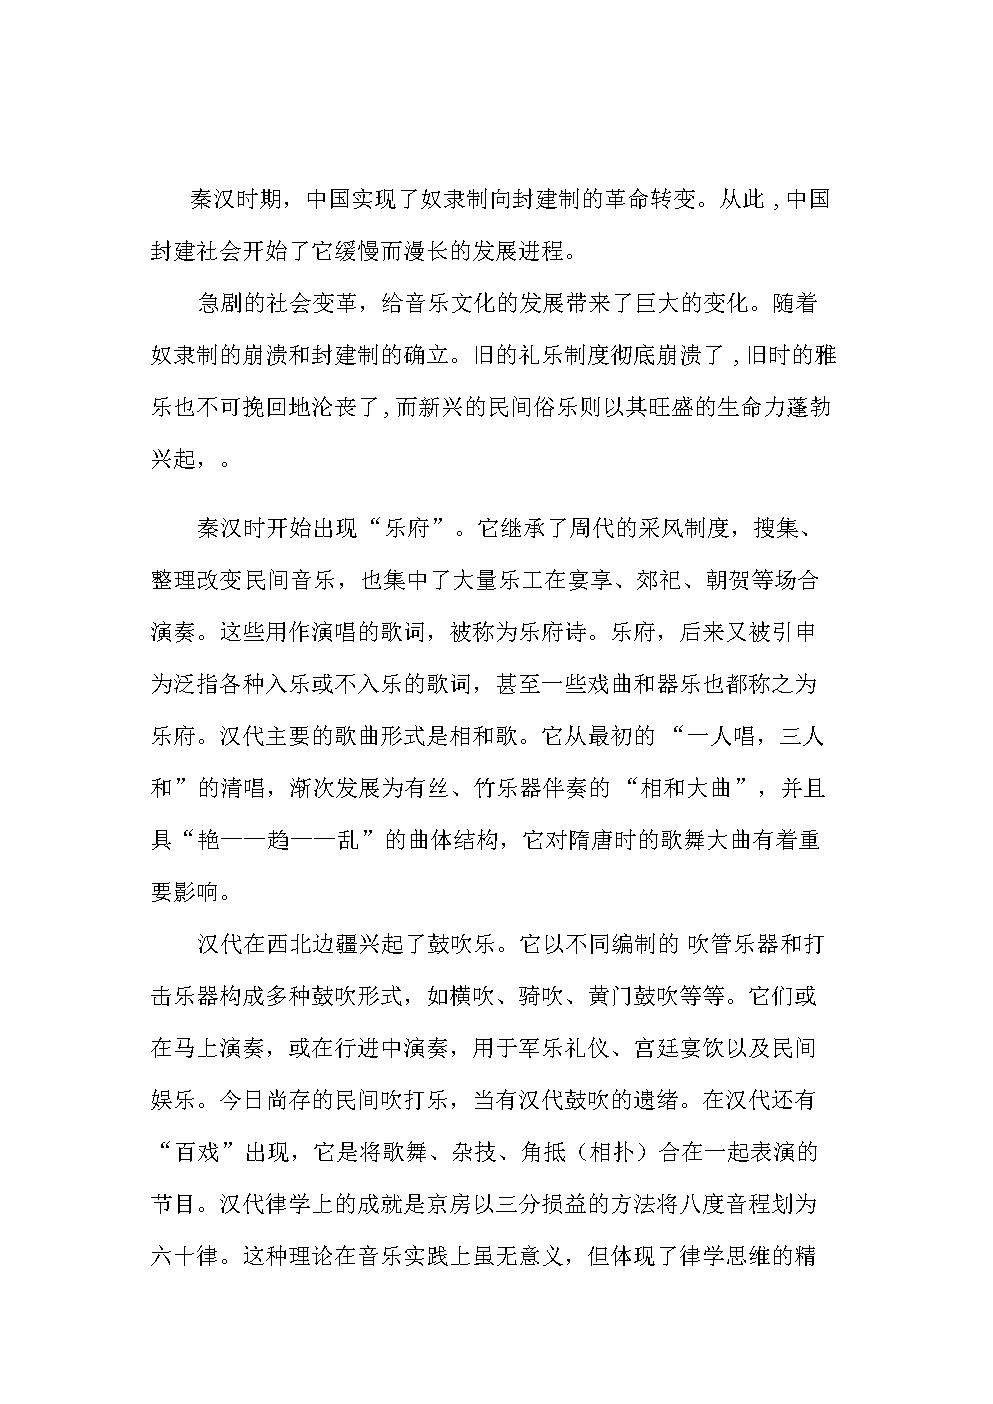 谈谈中国音乐在秦汉、北宋、清末三个历史时期所发生转型的主要表现.docx